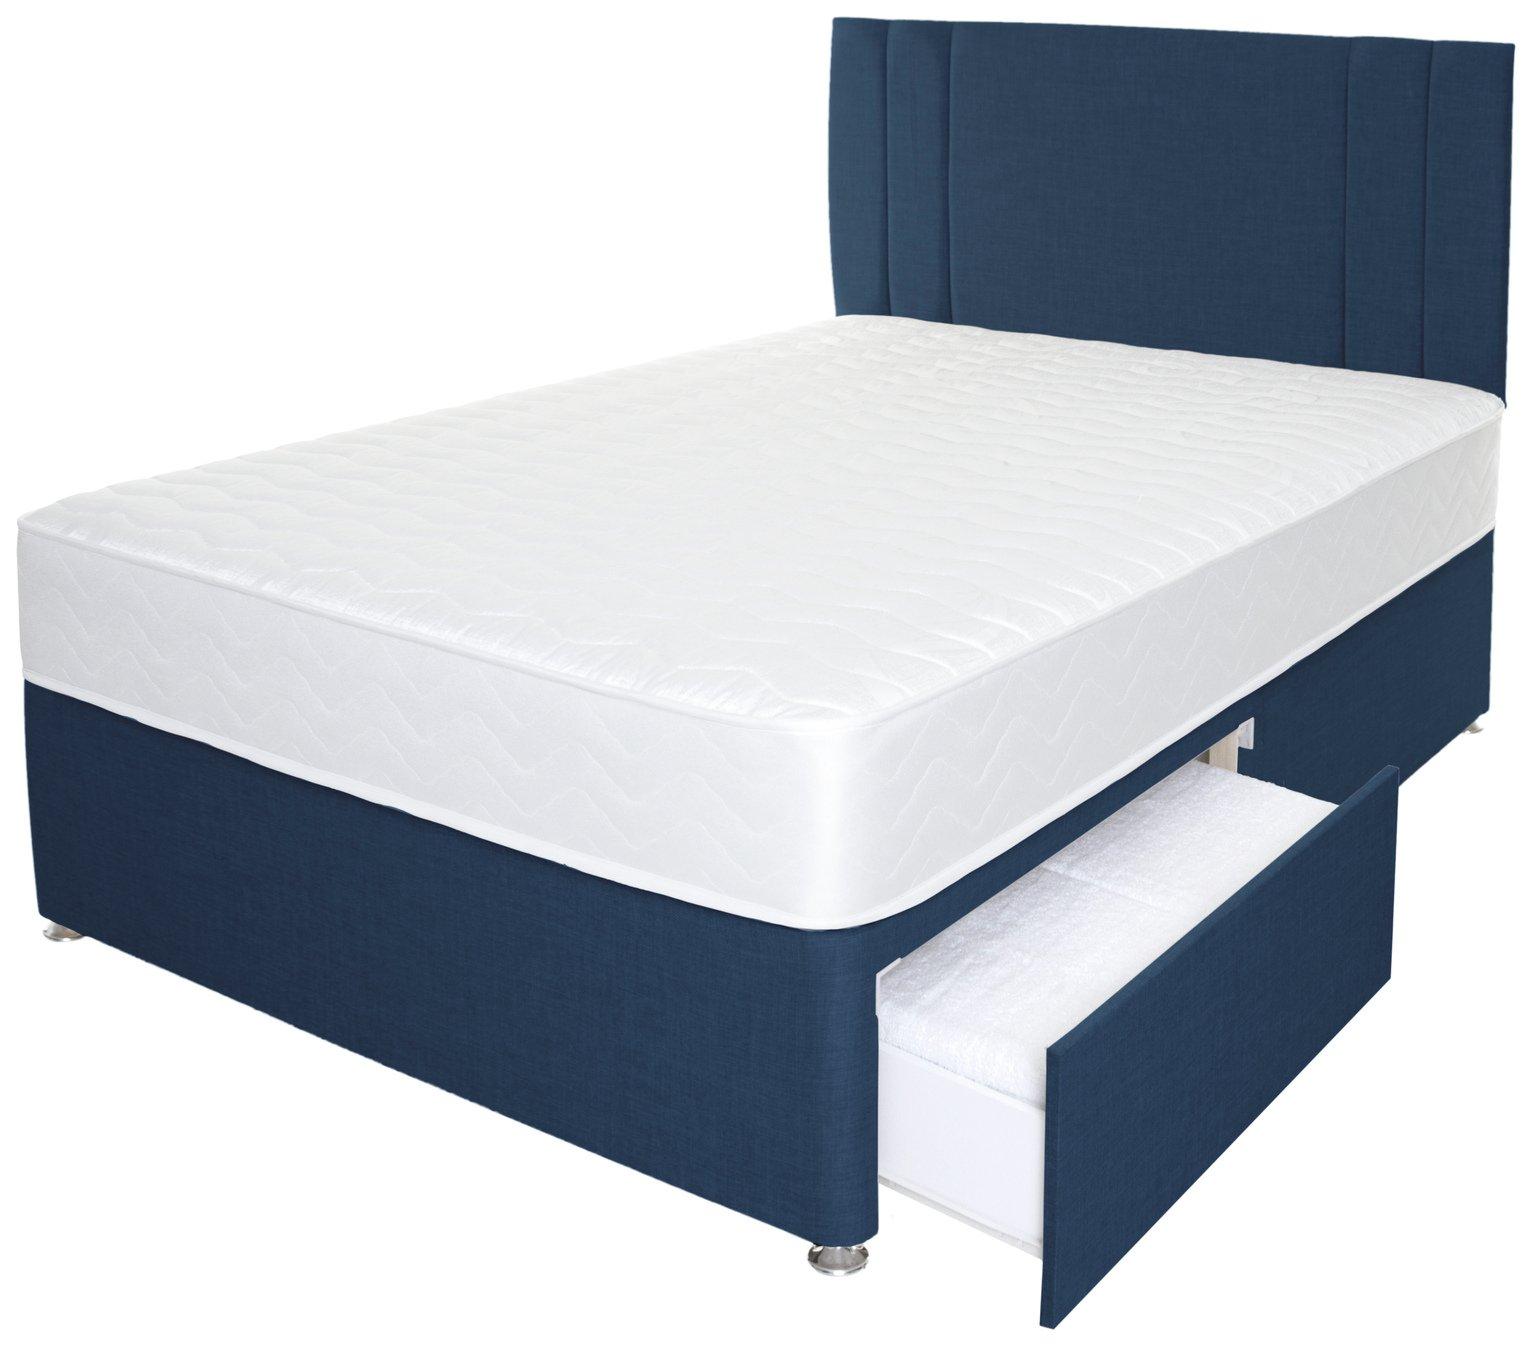 Airpsrung Henlow 1200 Mem  2Drw Divan Bed & Headboard - Blue at Argos